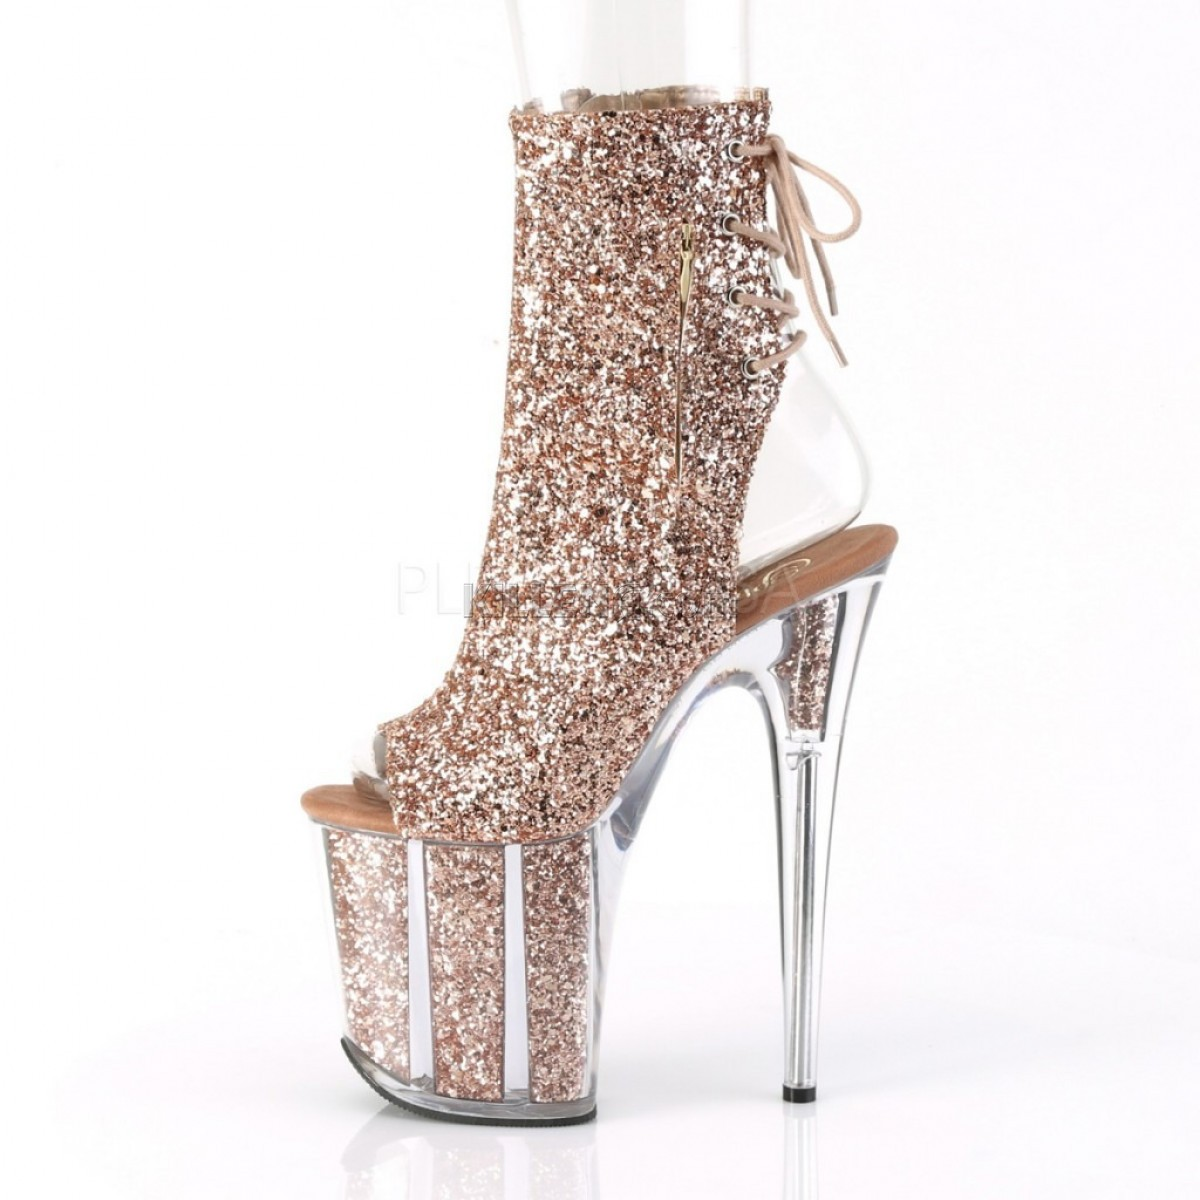 Открытые ботинки покрыты бронзовыми блестками